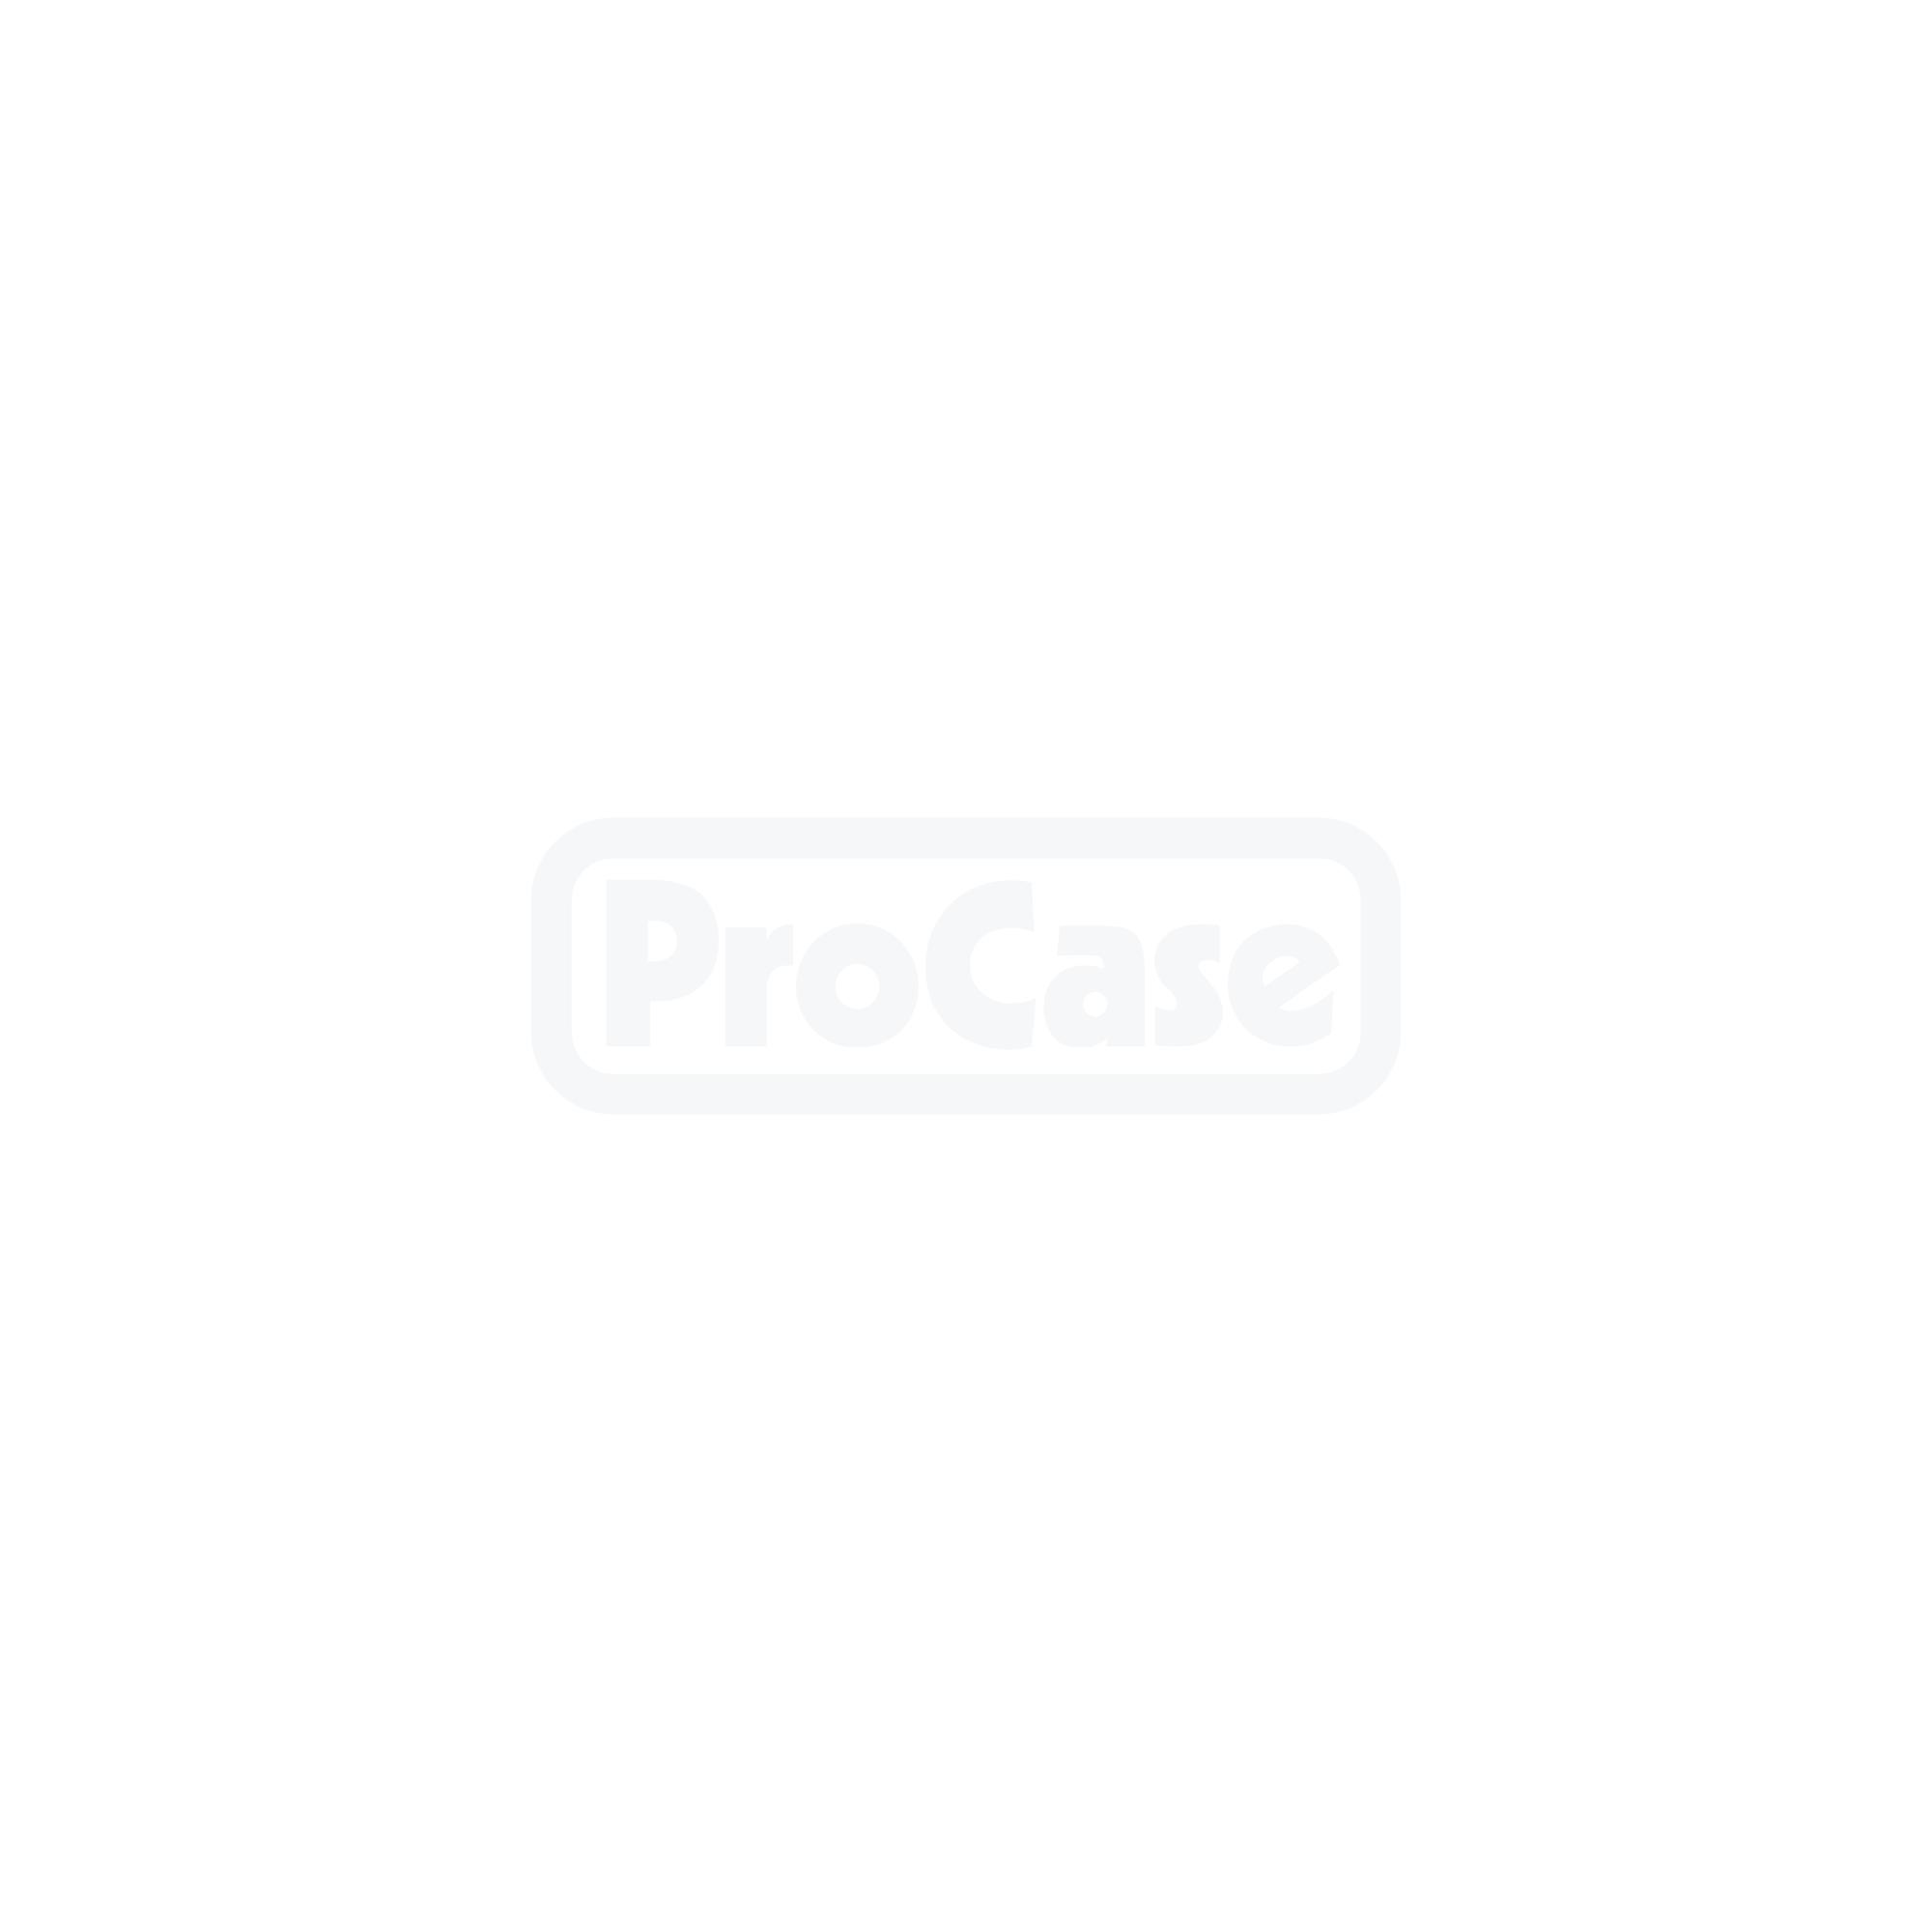 QSD-Rack 18HE 600 mm tief